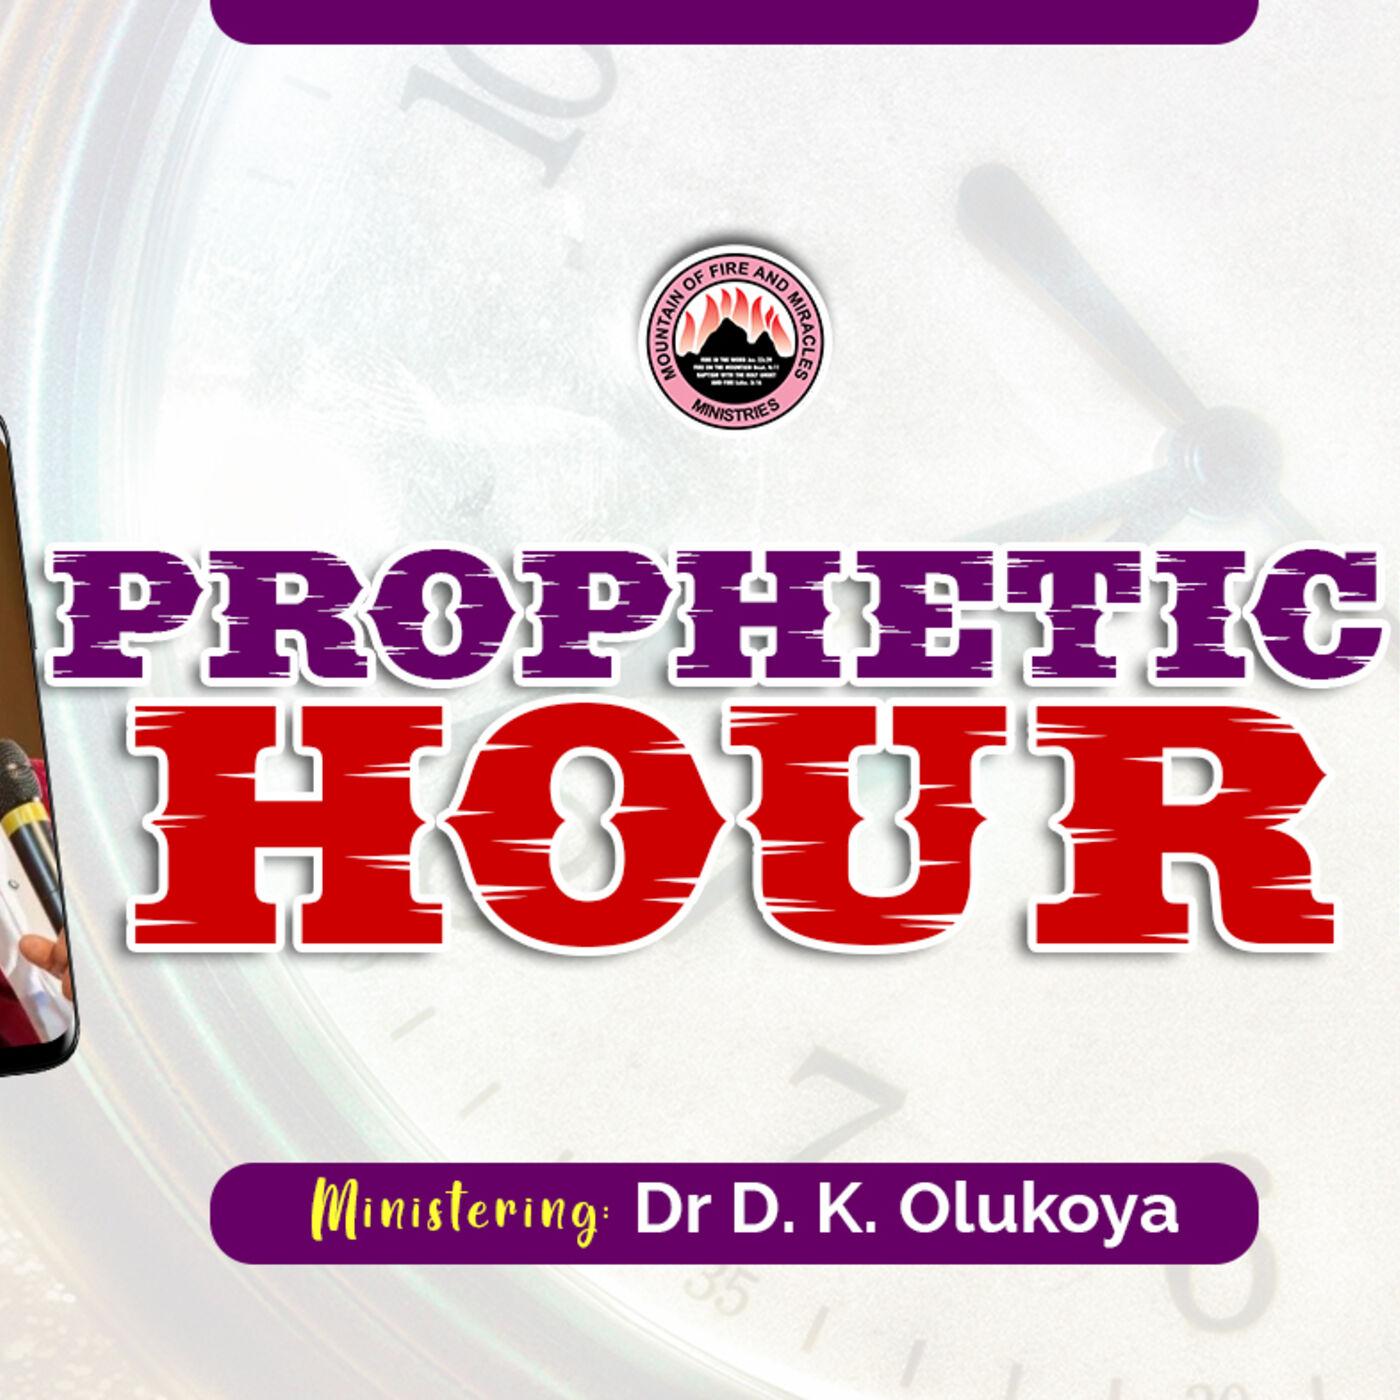 Prophetic Vitamin 5- Dr D. K. Olukoya